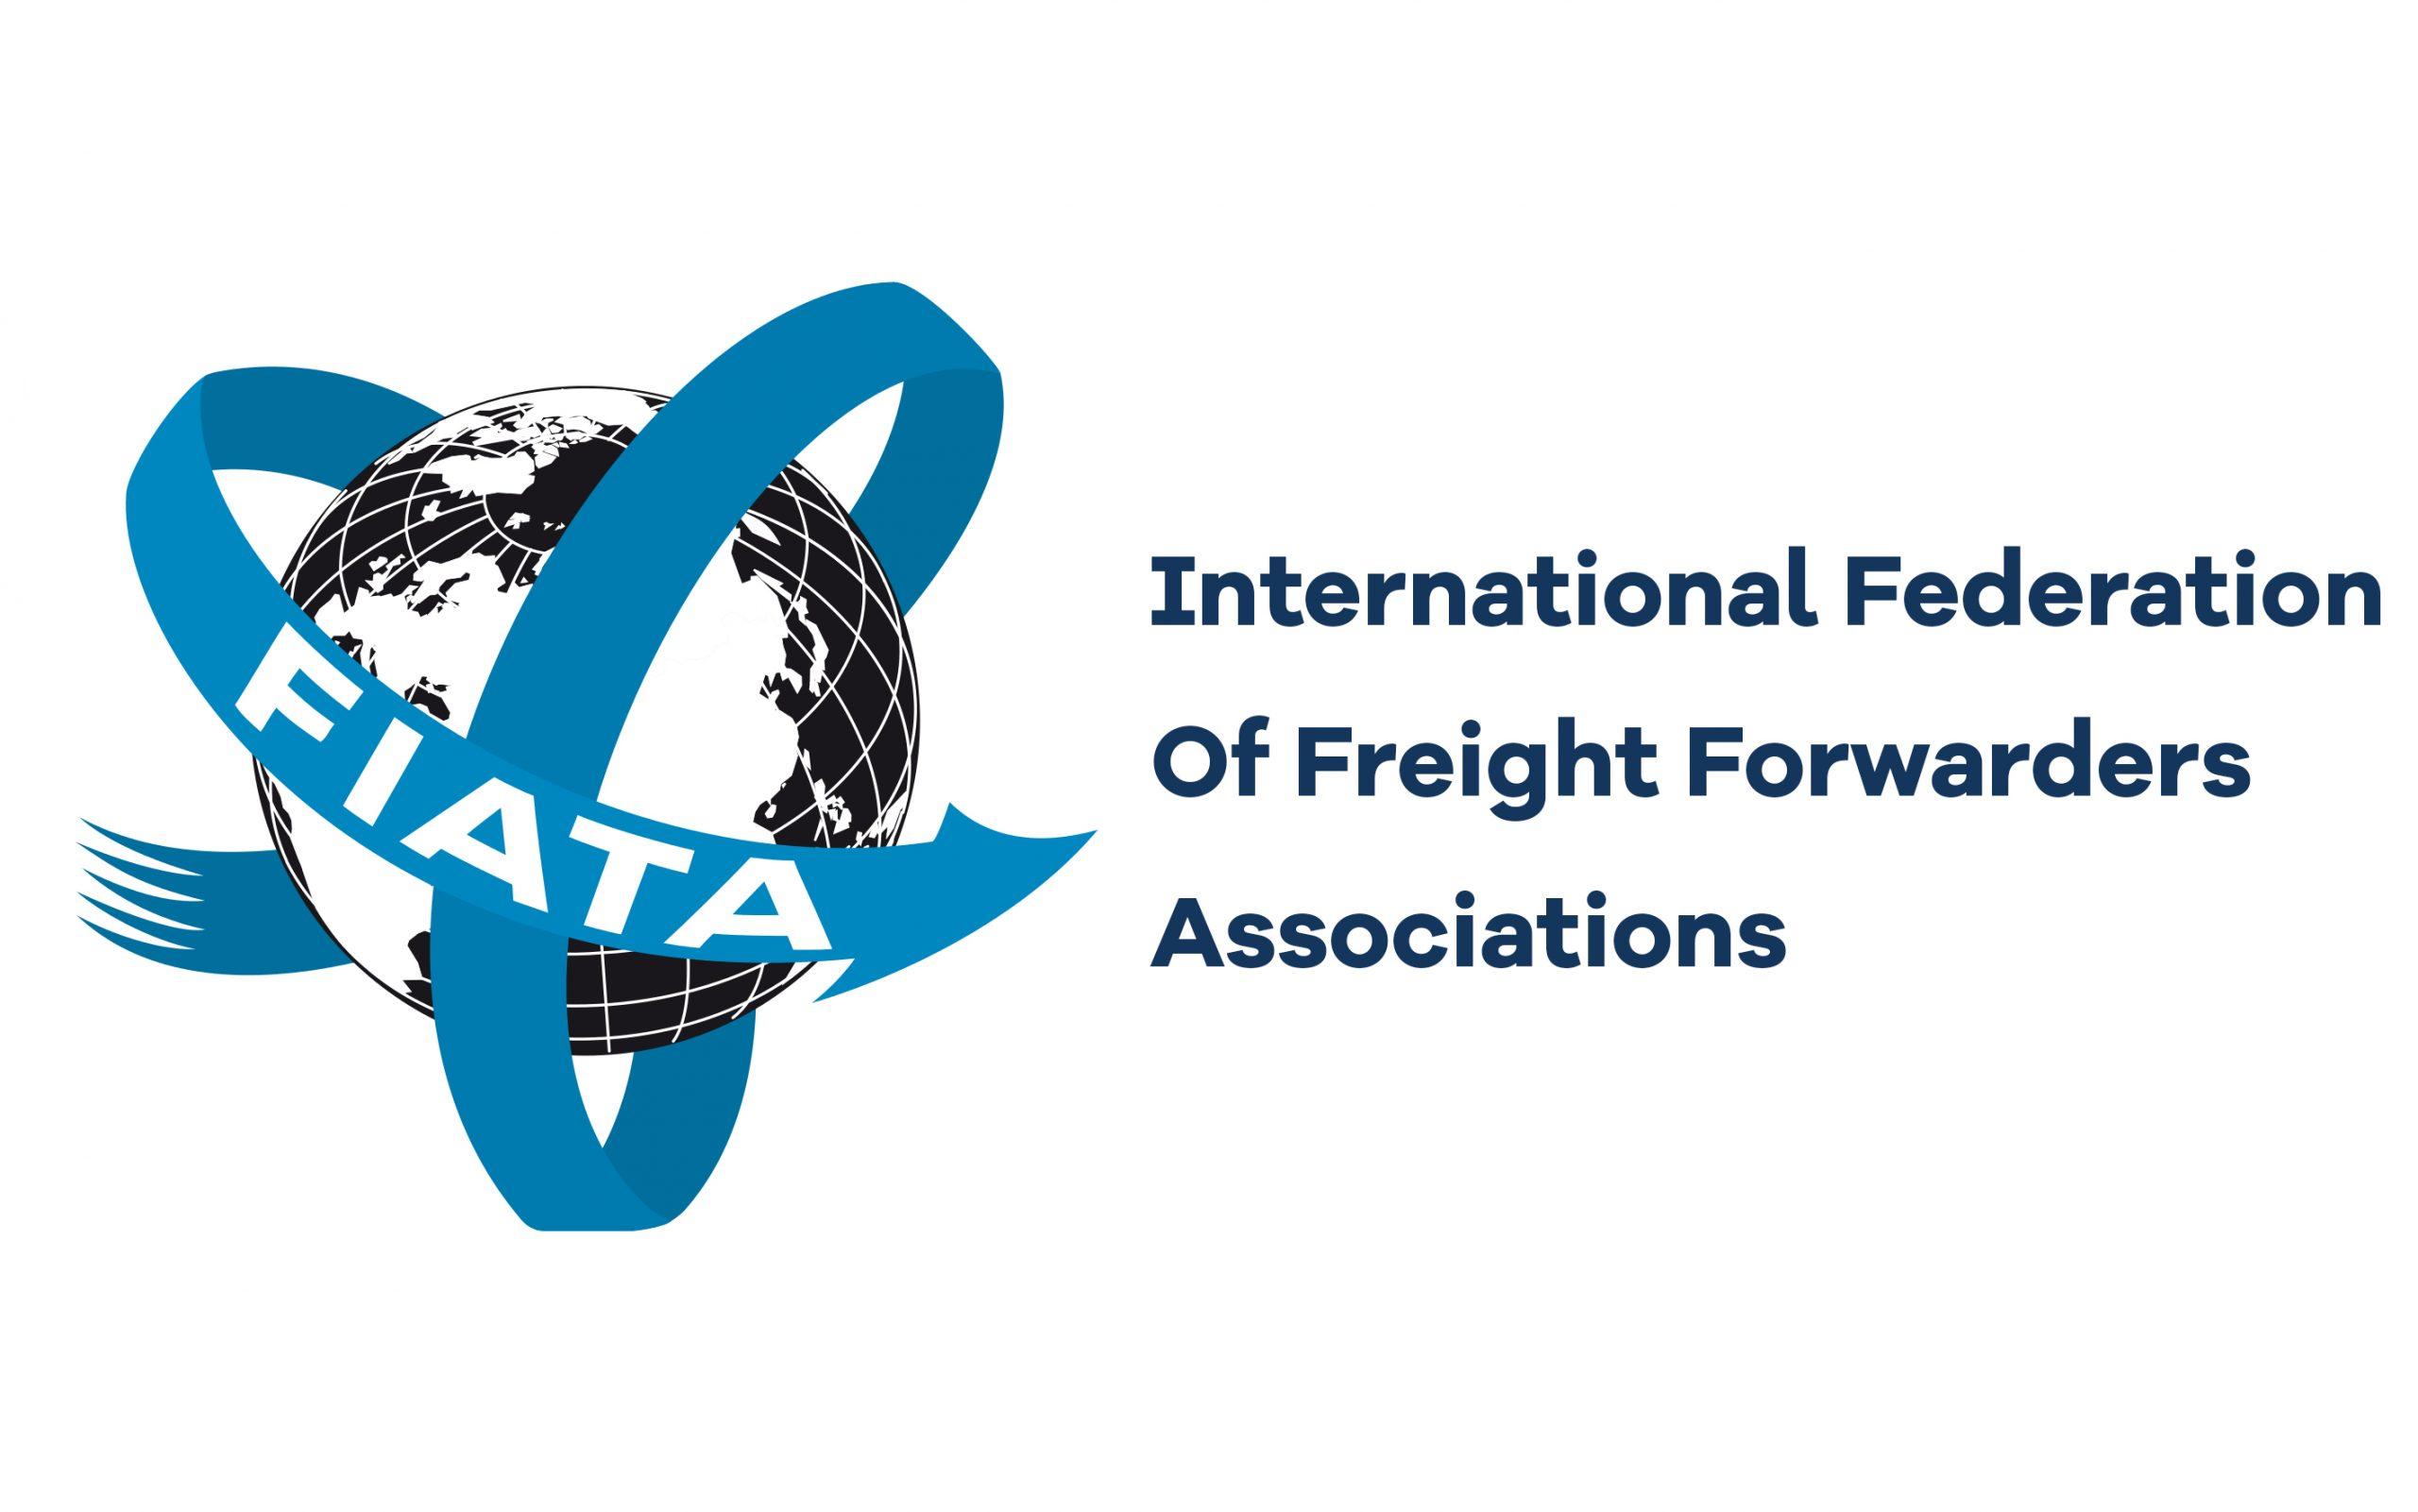 FIATA - International Federation of Freight Forwarders Associations